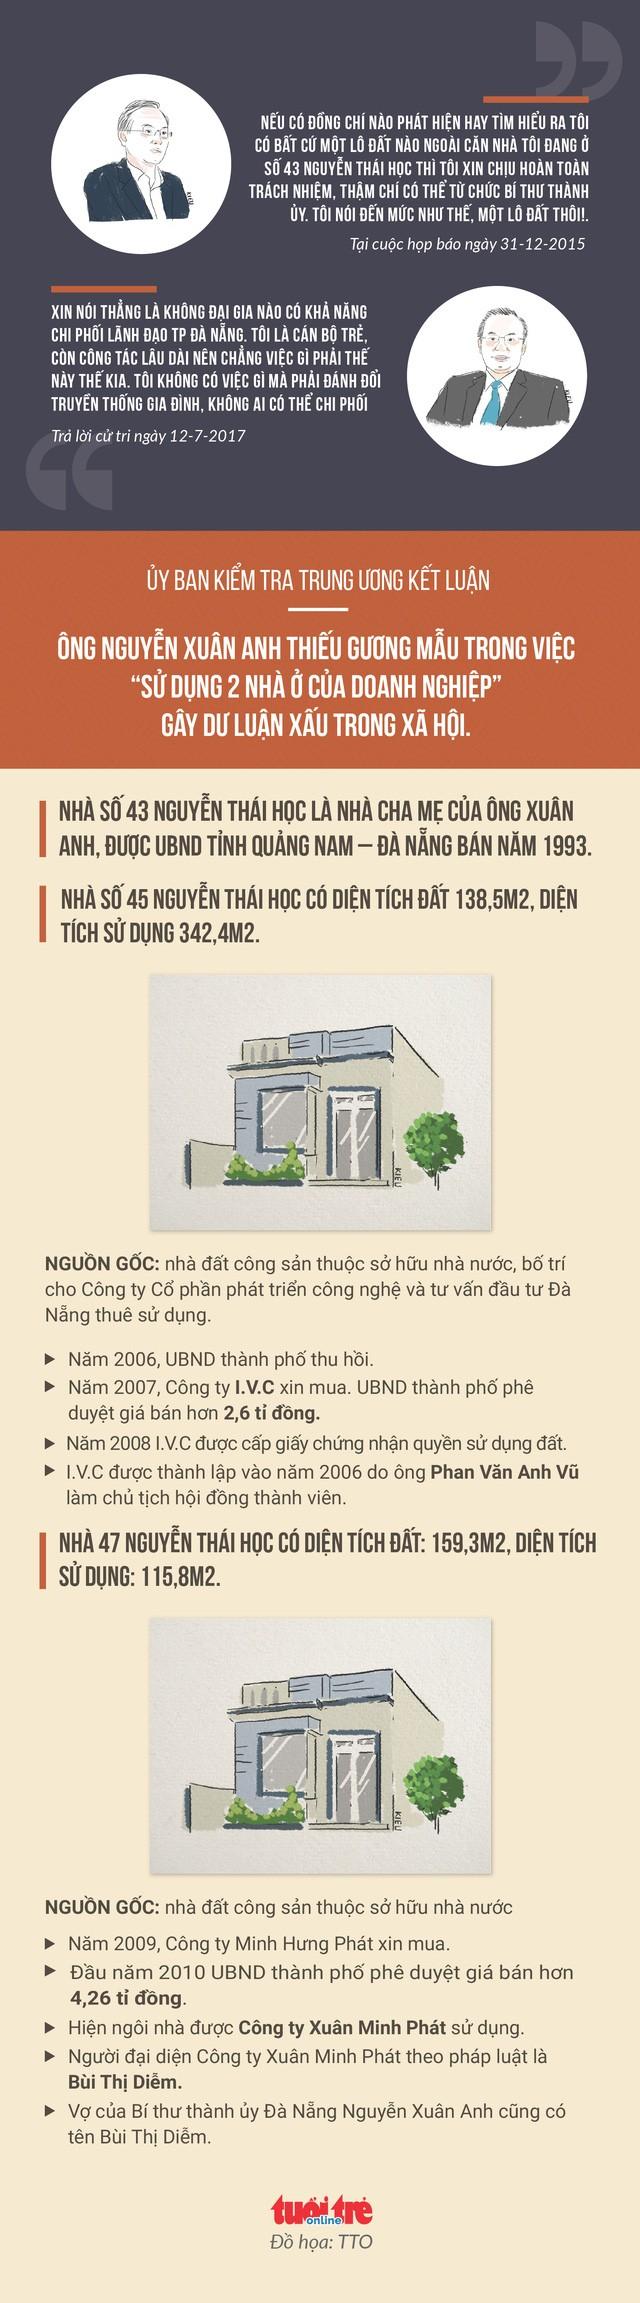 Khuất tất trong bán hàng loạt nhà, đất công tại Đà Nẵng? - Ảnh 3.